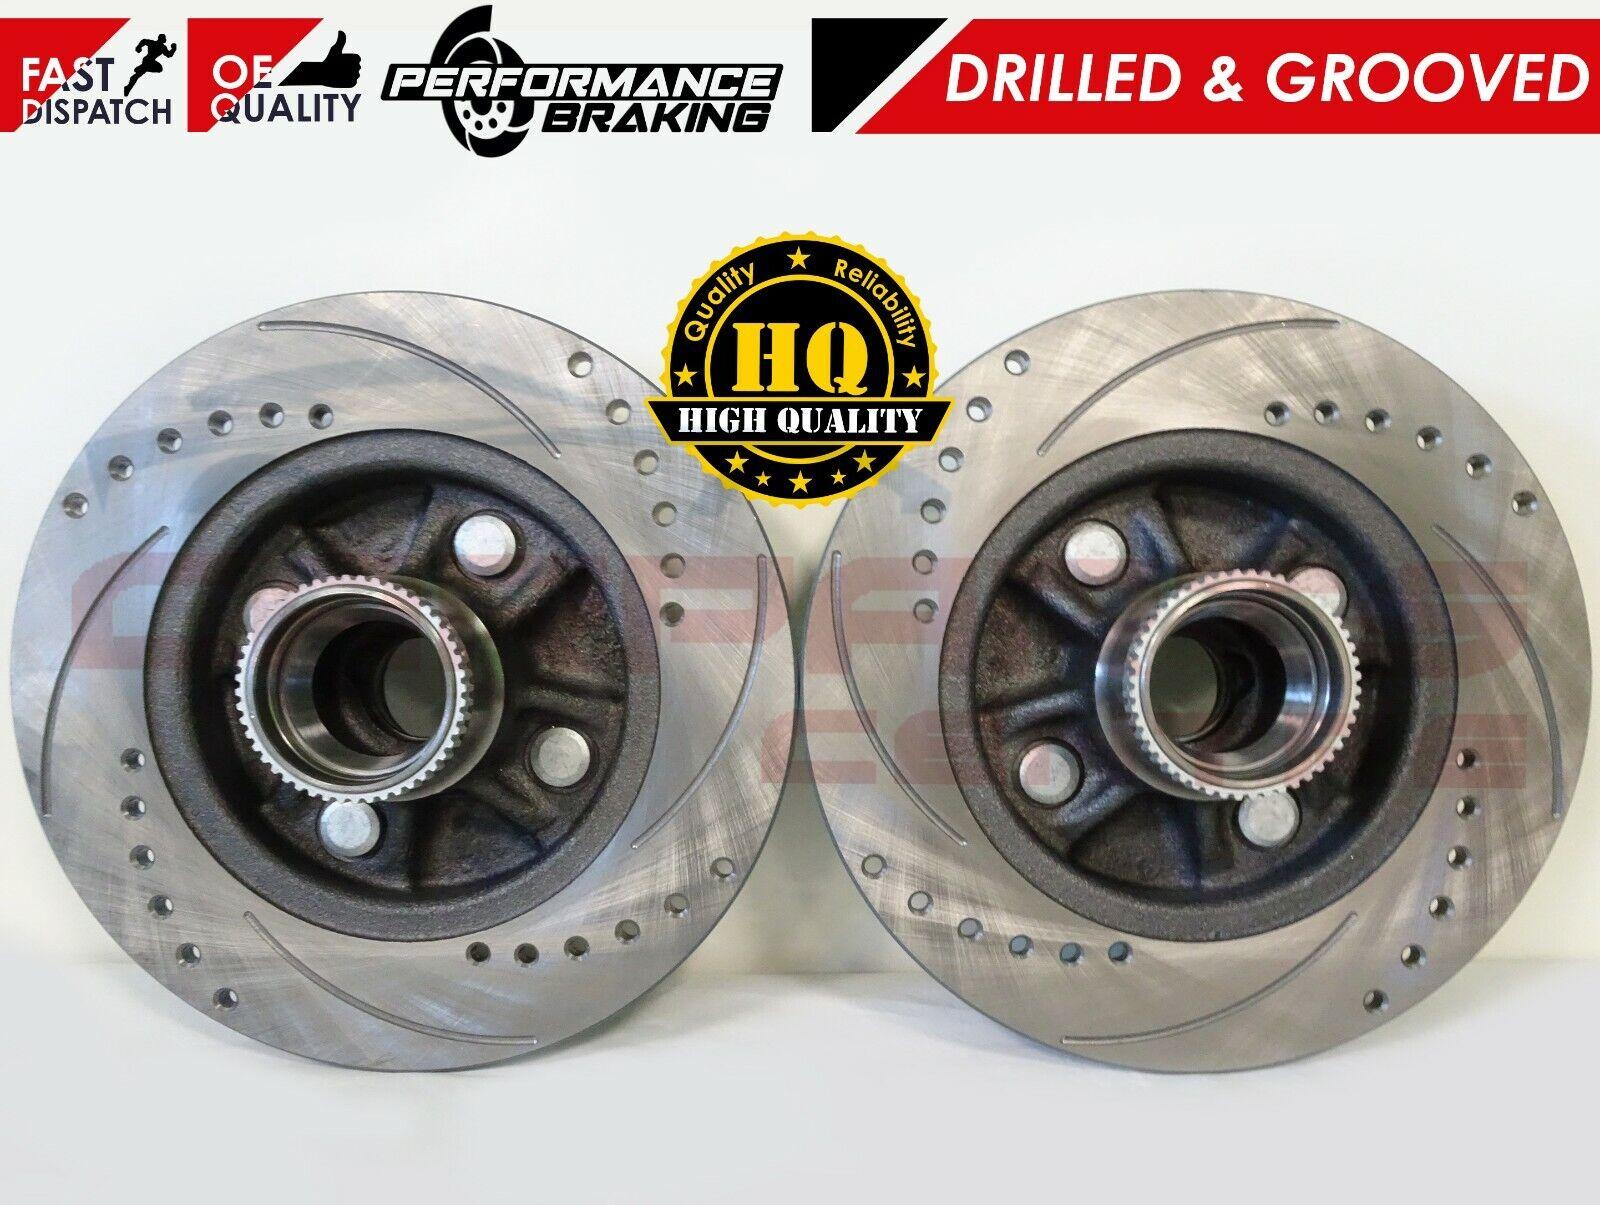 2 Brake Discs Rear Vented Fits Impreza 2.0 00-06